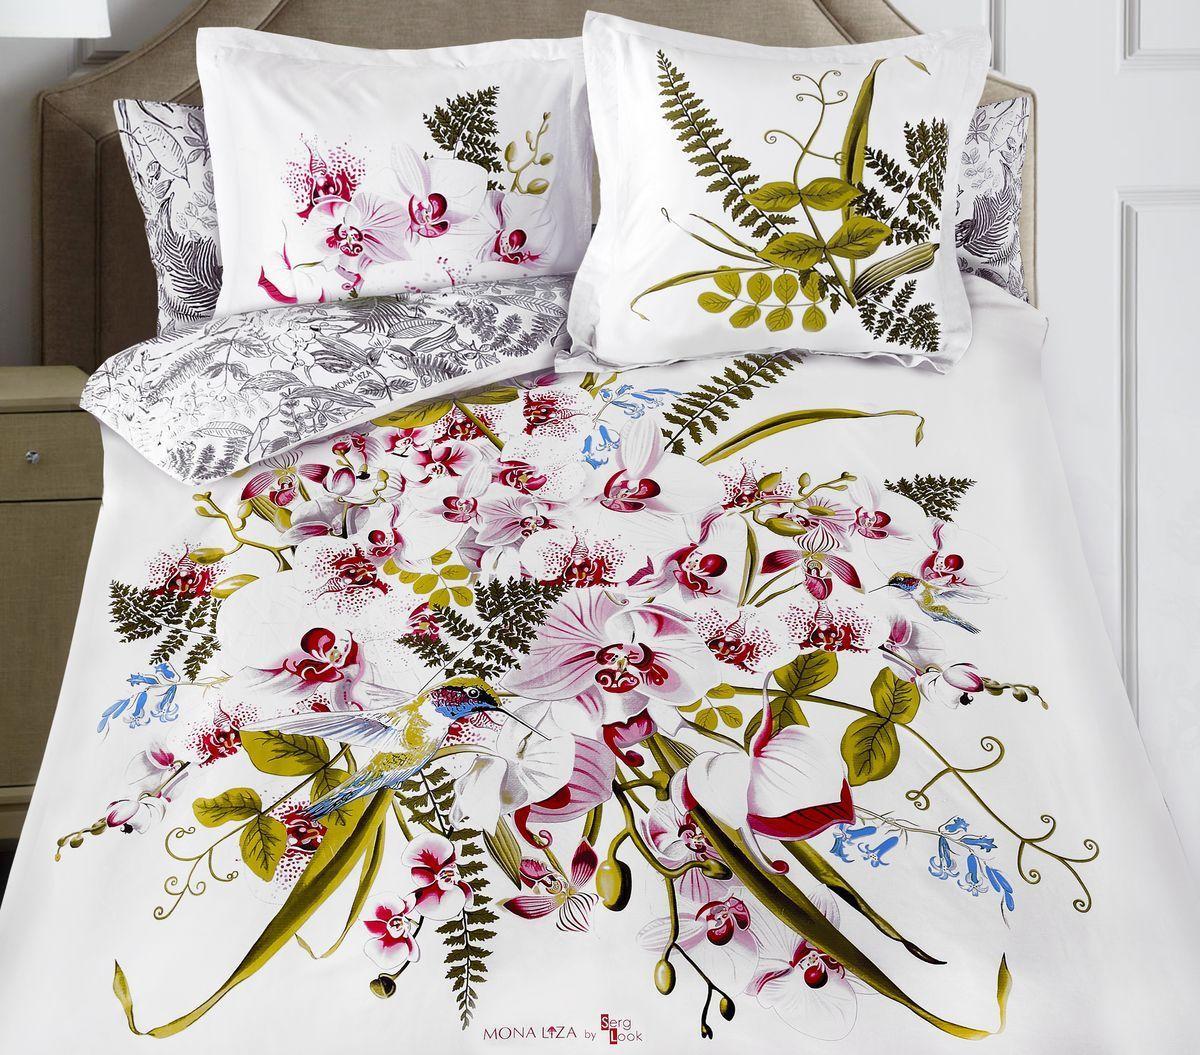 Комплект белья Mona Liza Orchid, евро, наволочки 50x70, 70x70391602Флоральные мотивы редких экзотических цветов, переведенные в паттерн, позаимствованы из путешествий по тропическим лесам, будоражат воображение природными сочетаниями цветовых палитр и роскошью принтов. Коллекция принесет в ваш дом незабываемое настроение и добавит колорит. Высококачественный сатин окутает и позволит раствориться в мечтах о дальних жарких странах и окунуться во время вечного лета!